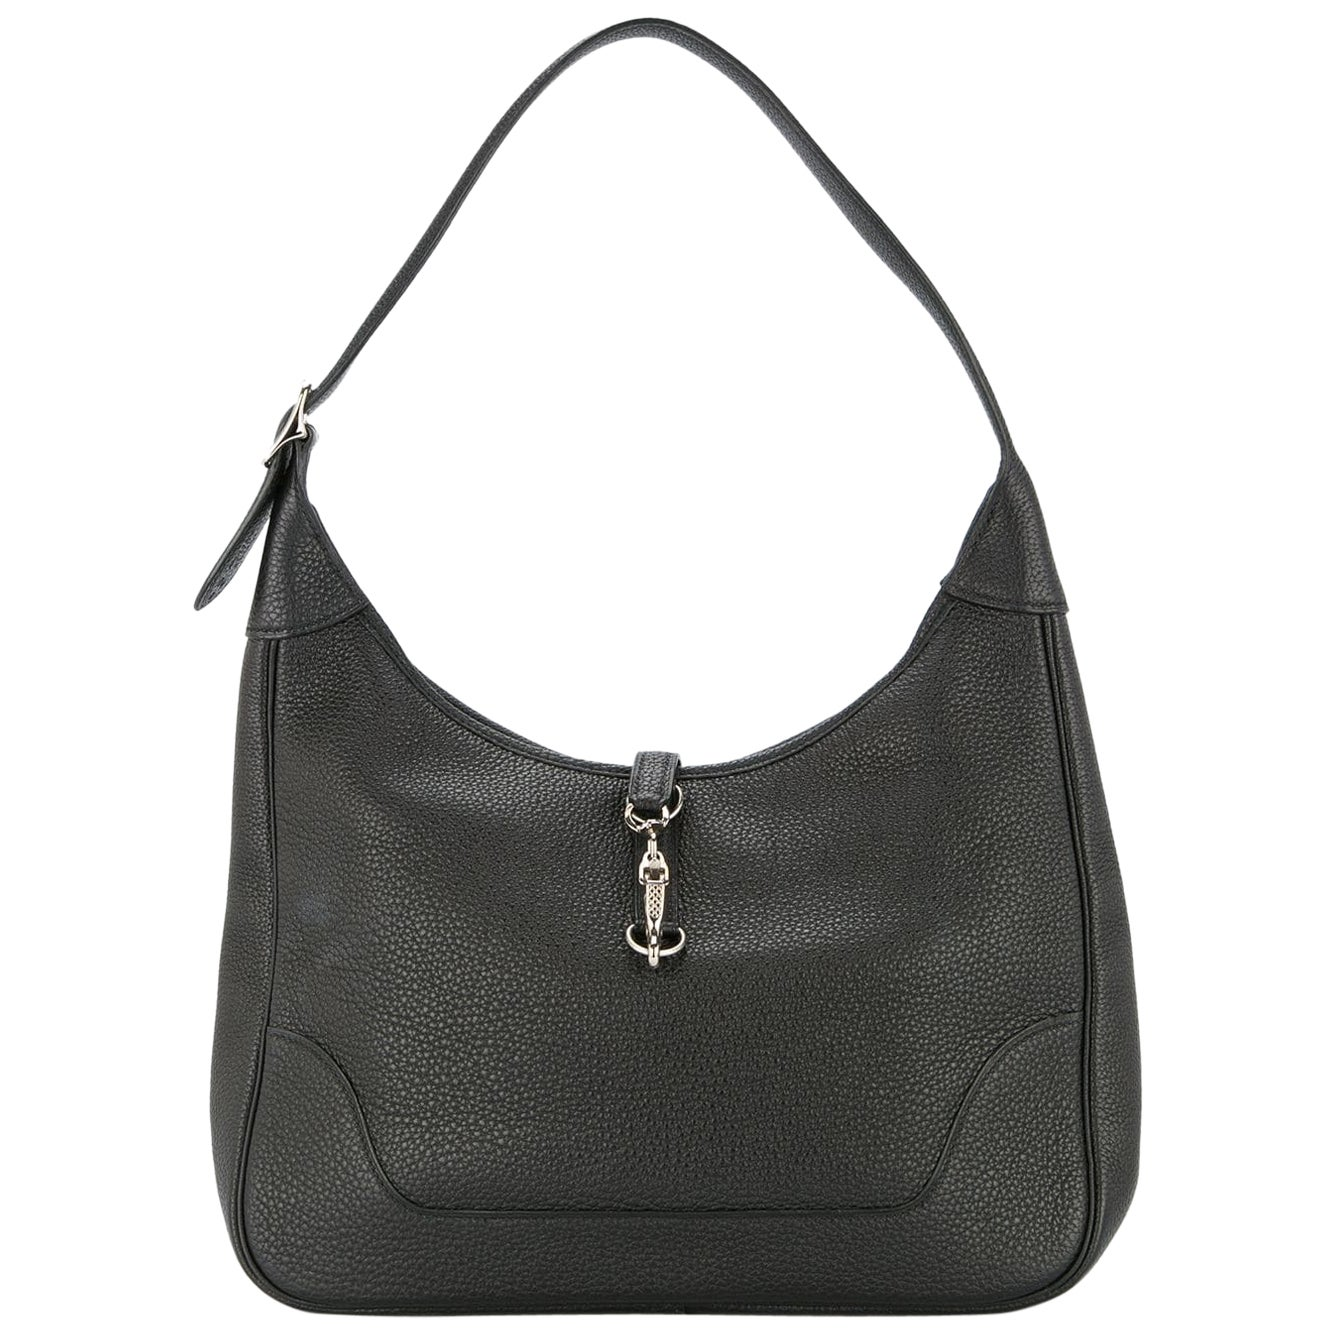 Hermes Black Leather Silver Buckle Large Hobo Style Carryall Shoulder Bag